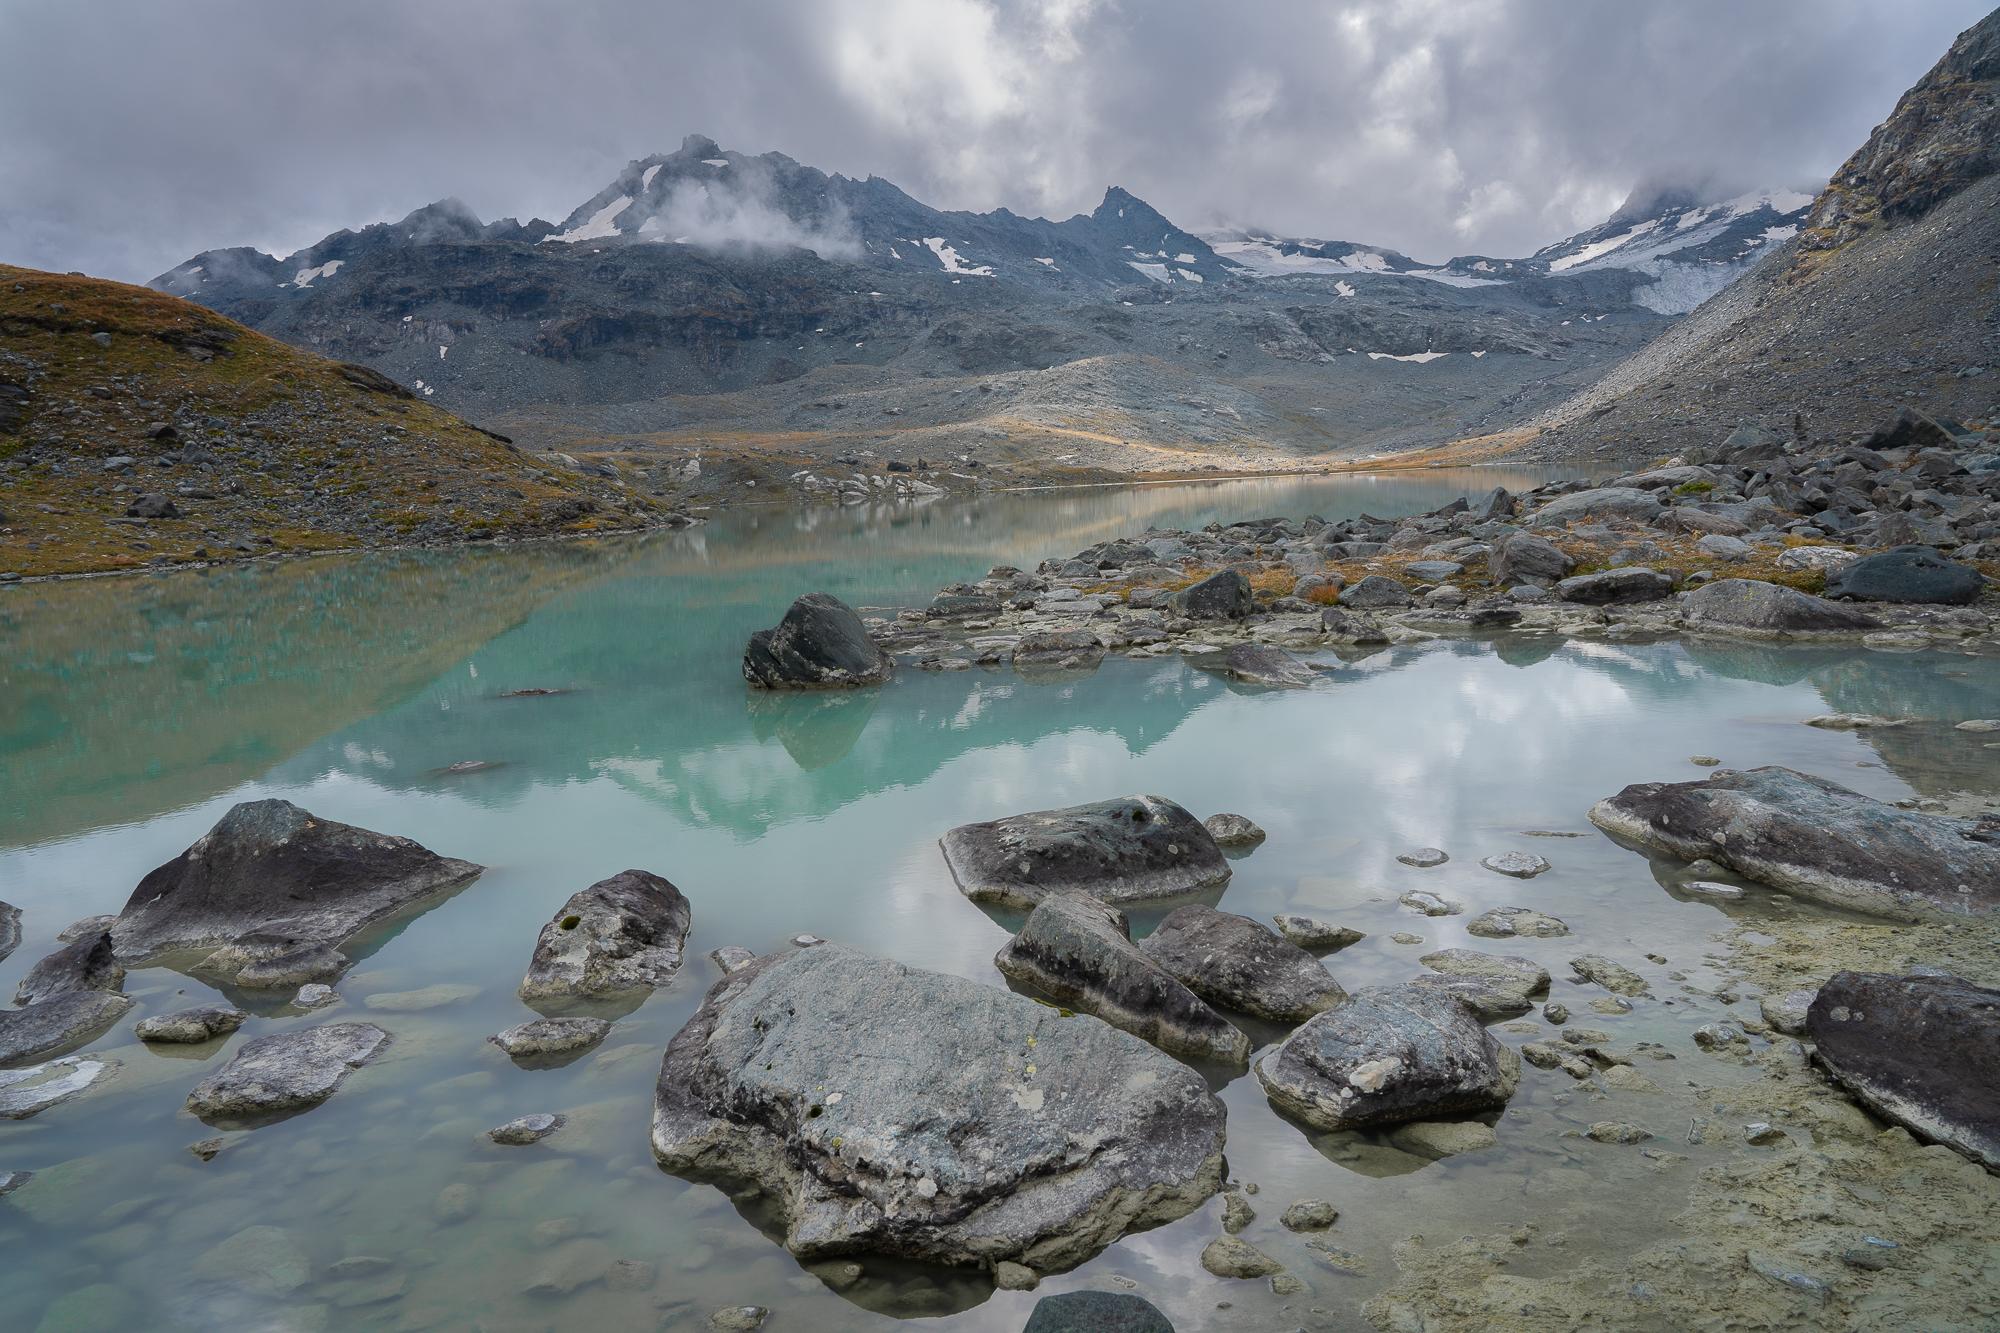 Lac du Grand Désert, Switzerland